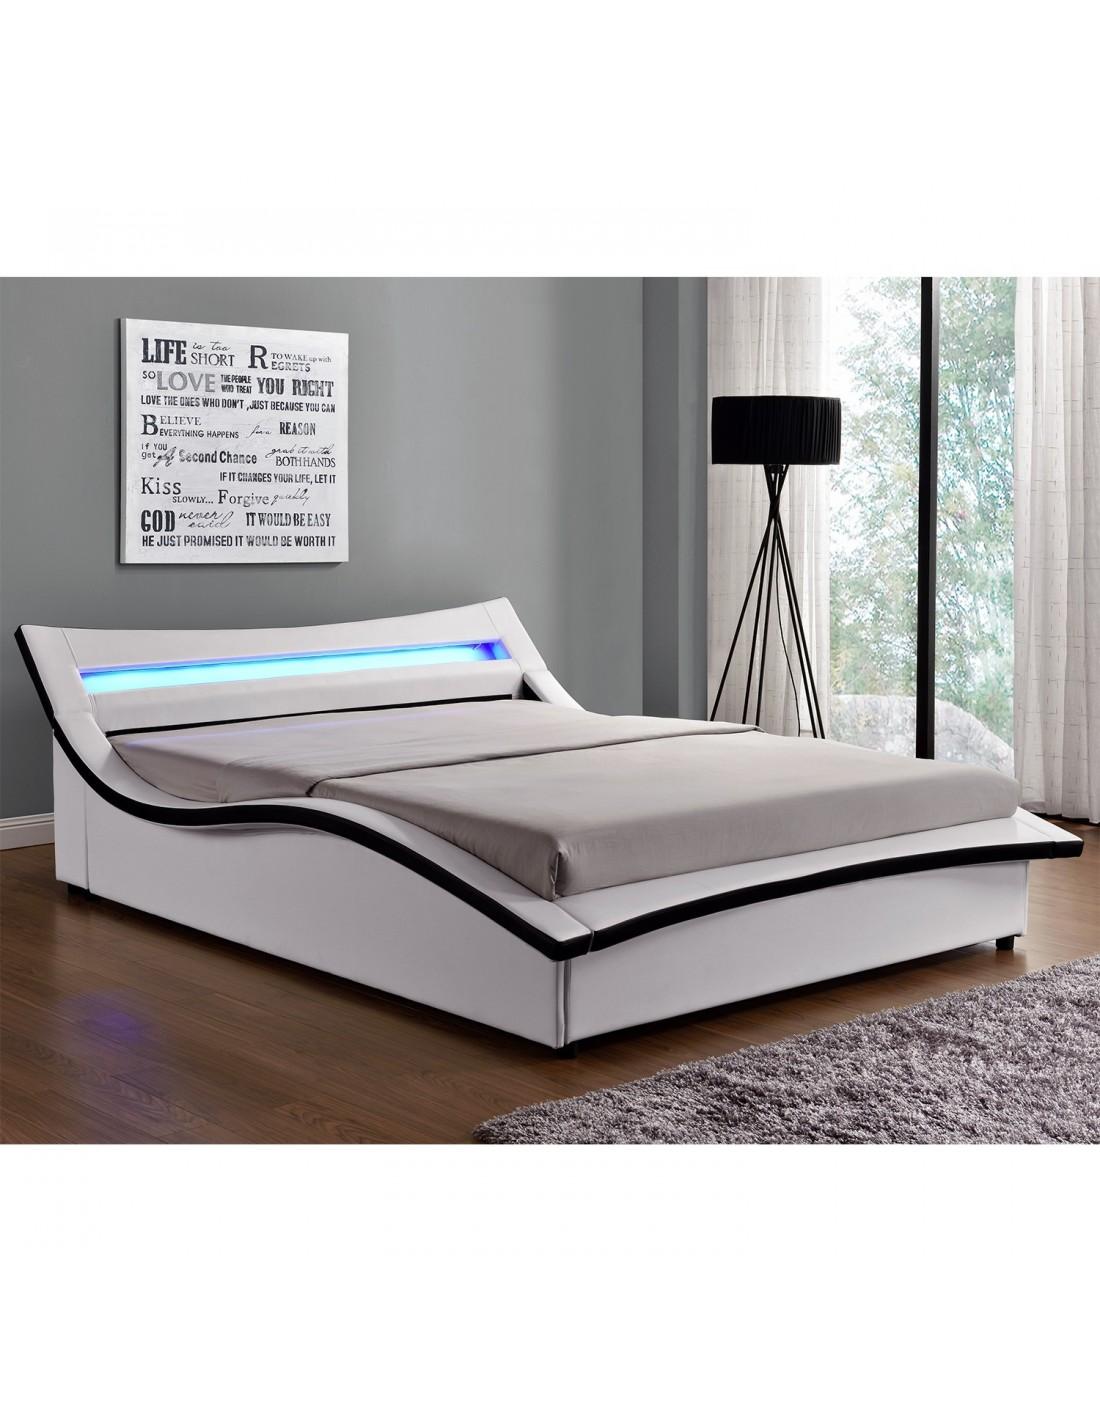 lit aude simili cuir blanc avec led 140 x 190 cm